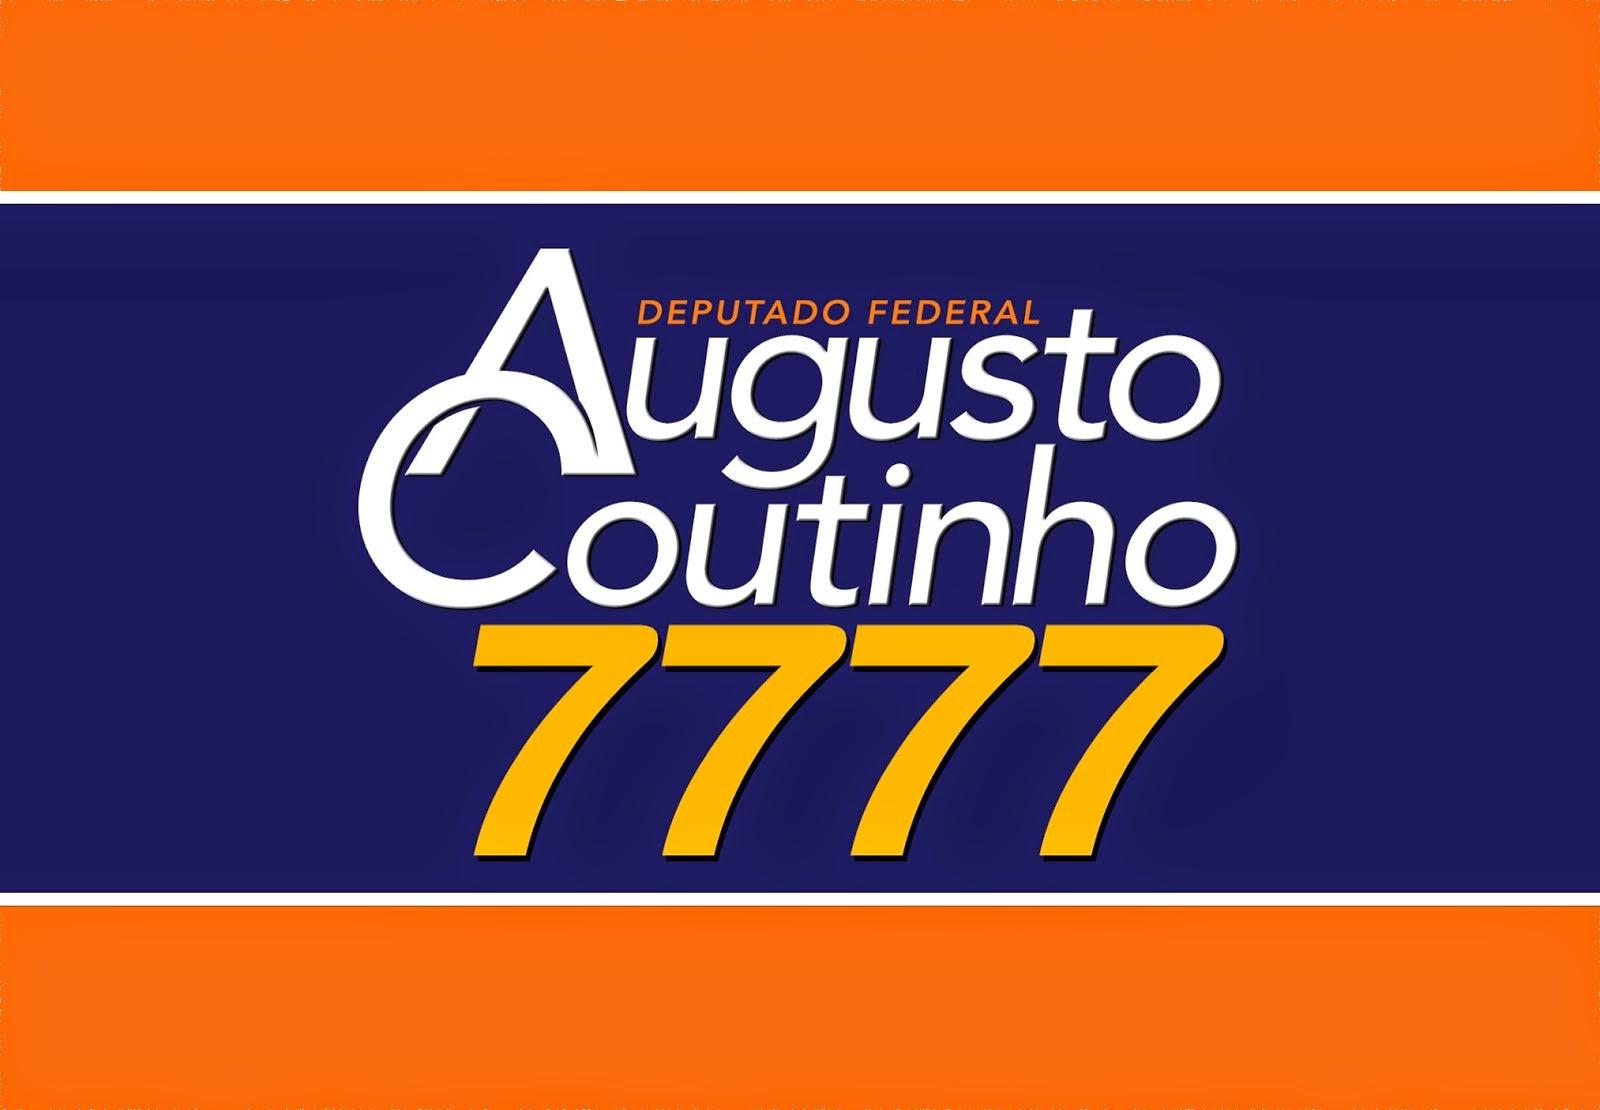 Augusto Coutinho 7777